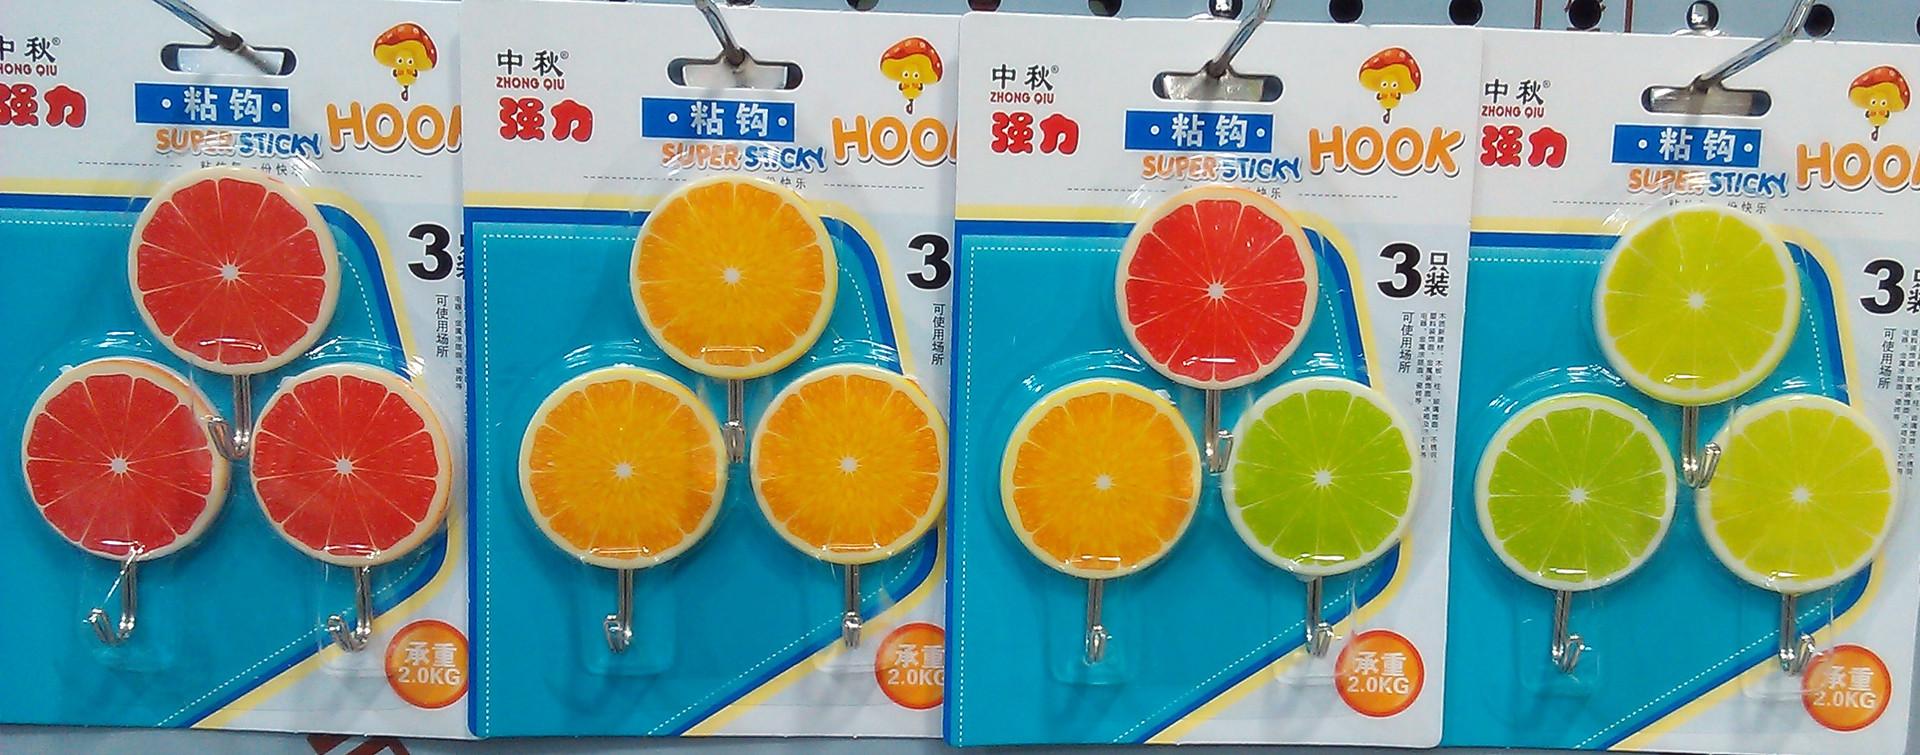 卡通柠檬片_【卡通塑料粘钩圆形柠檬片水果粘钩13153个